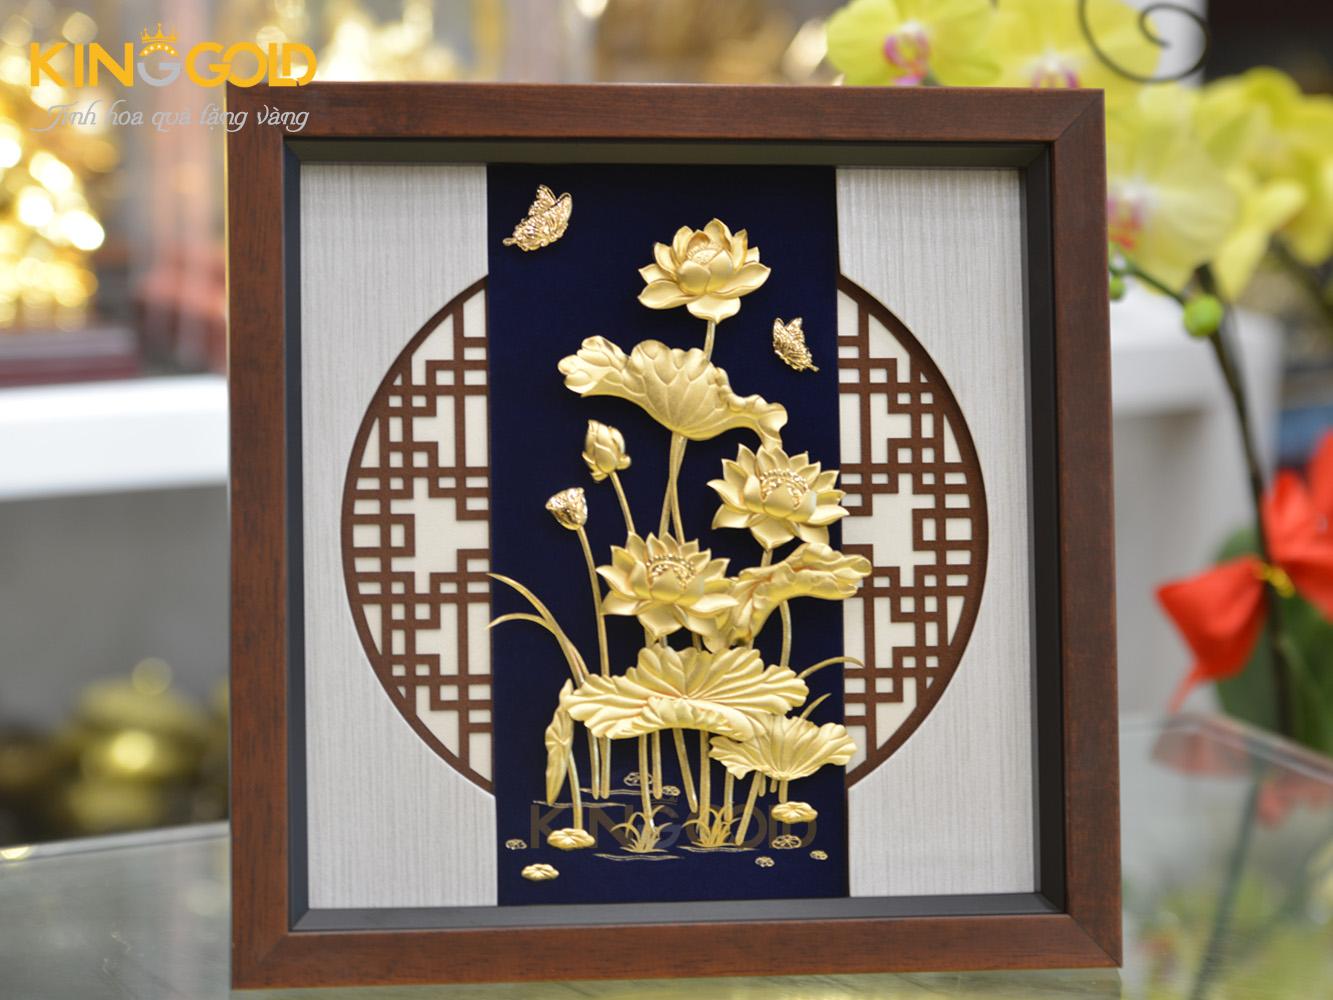 Tranh sen vàng biểu tượng Quốc hoa được ưa thích nhất